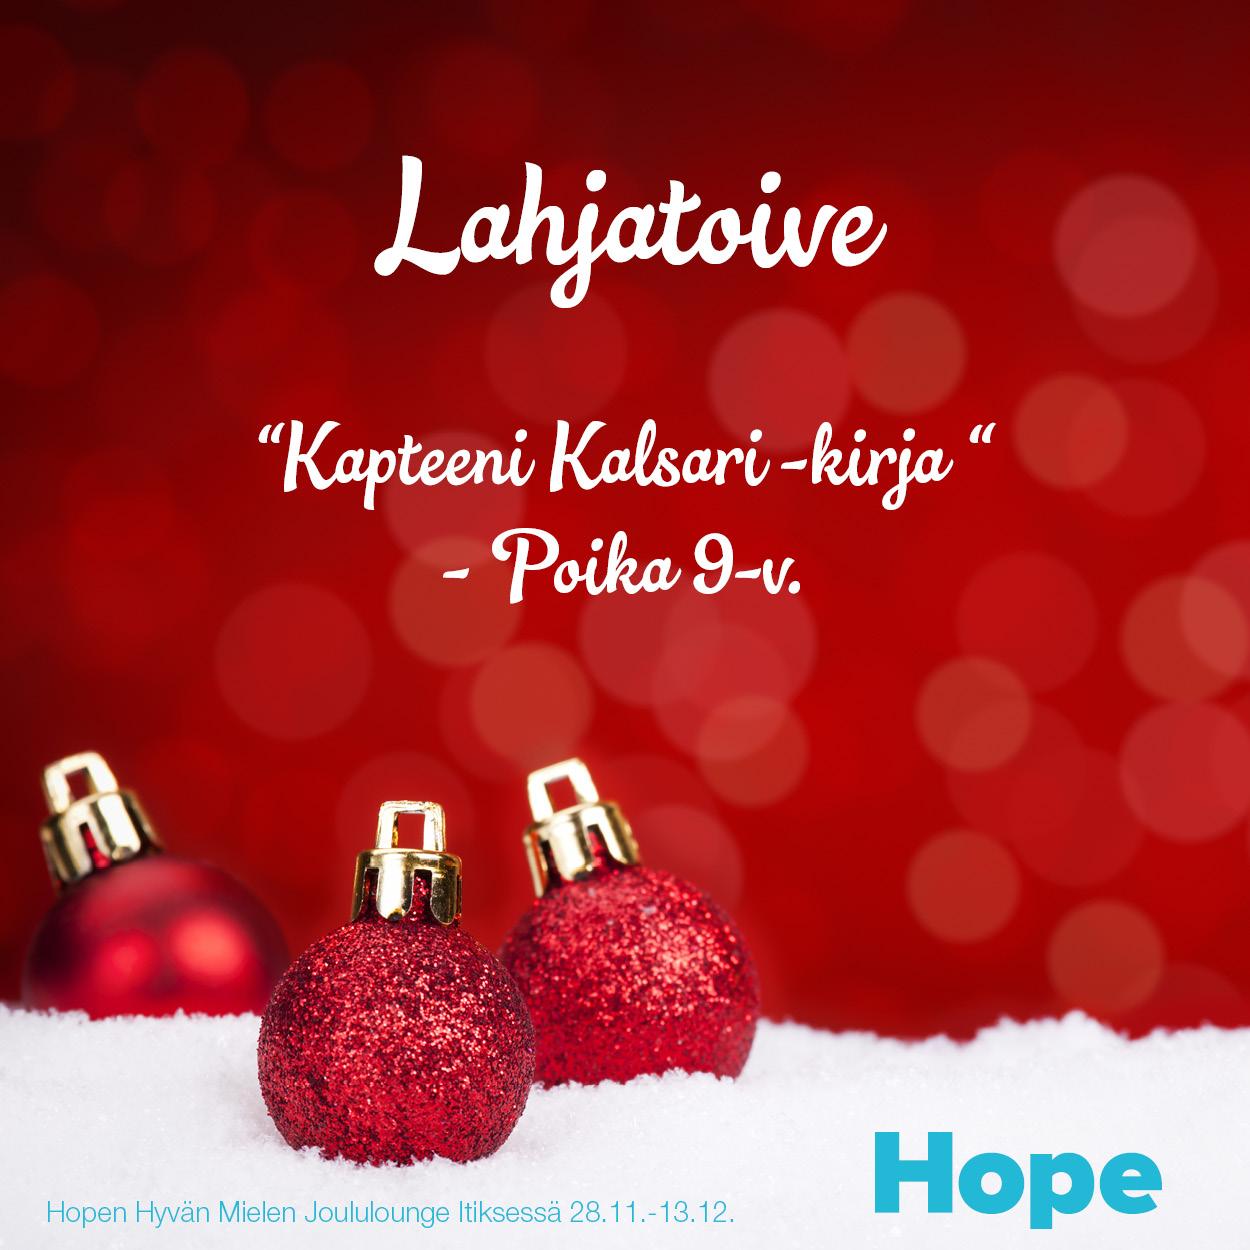 Hope_300x300_Lahjatoive_2